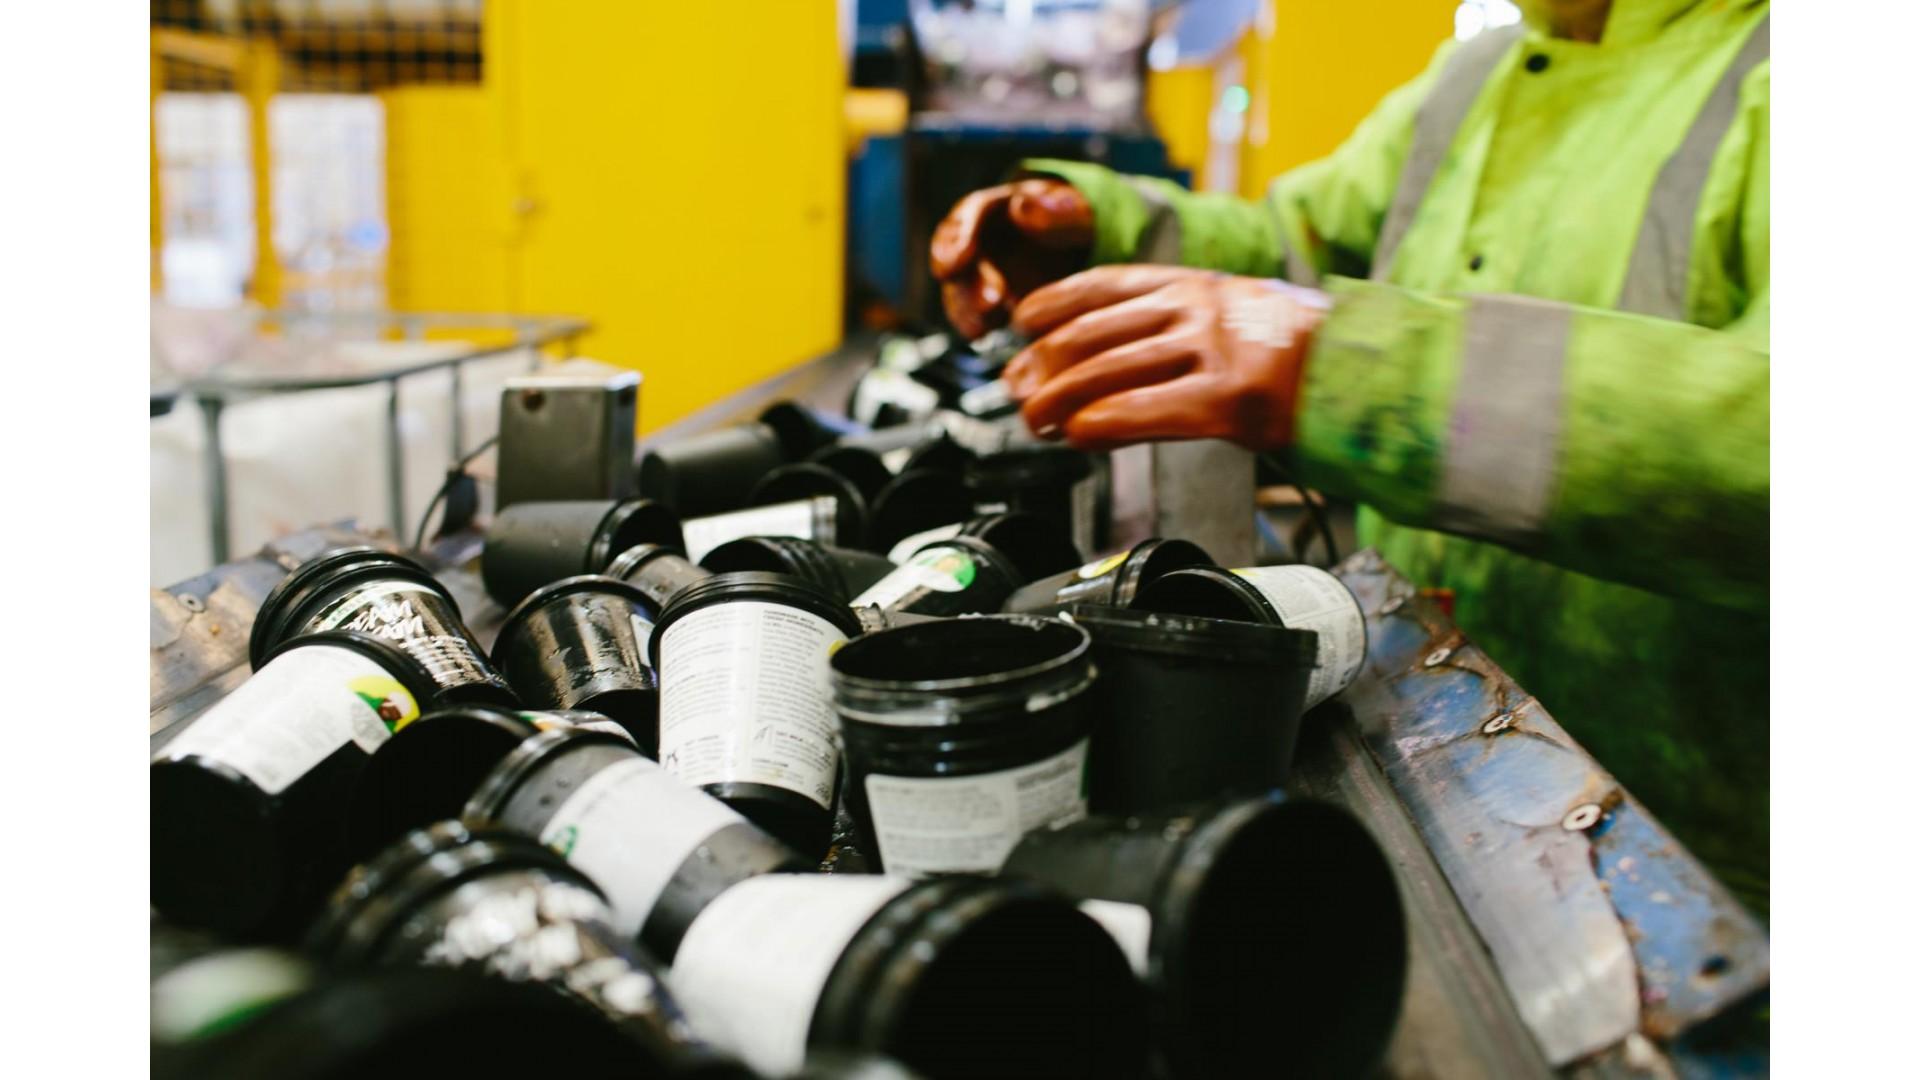 Recikliranje crnih posuda